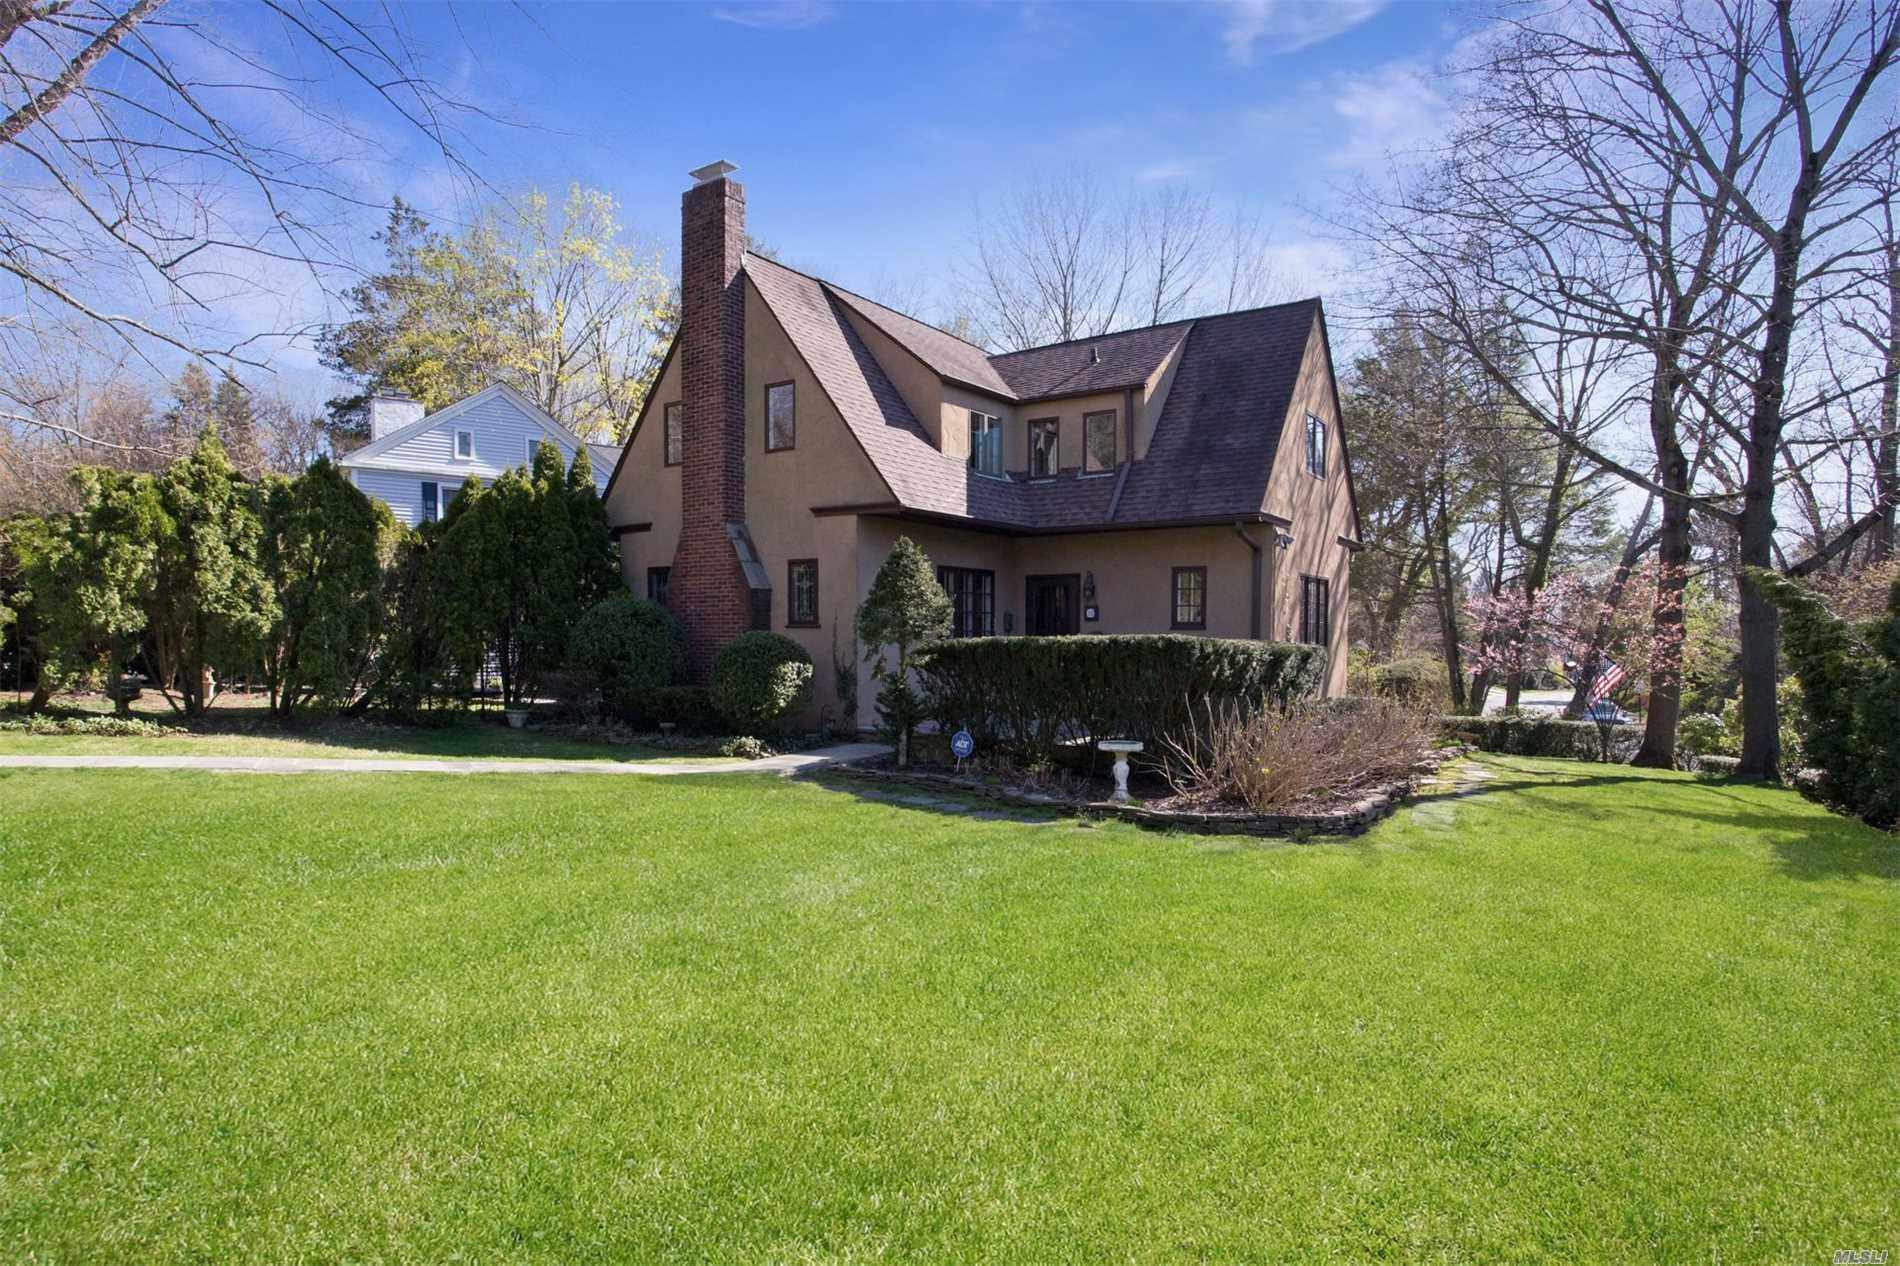 Barbara Chmil | Garden City Real Estate, Garden City South Real ...